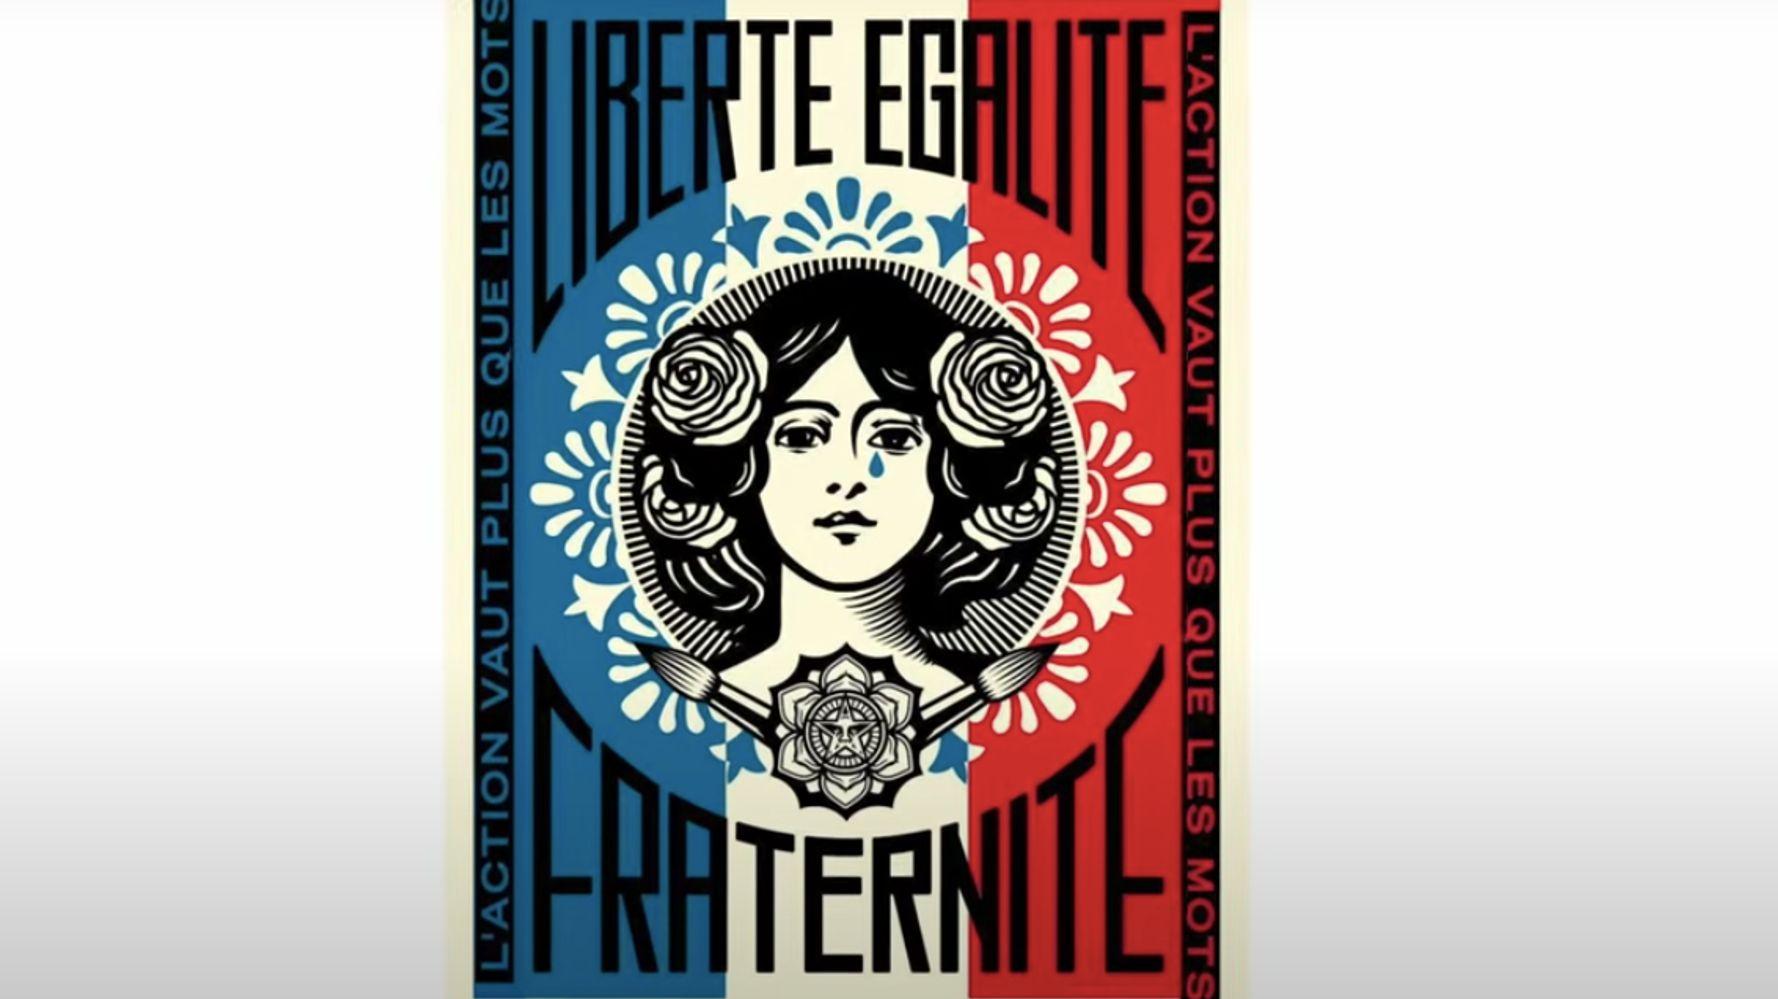 La Marianne de Shepard Fairey à Paris pleure, et c'est voulu par l'artiste